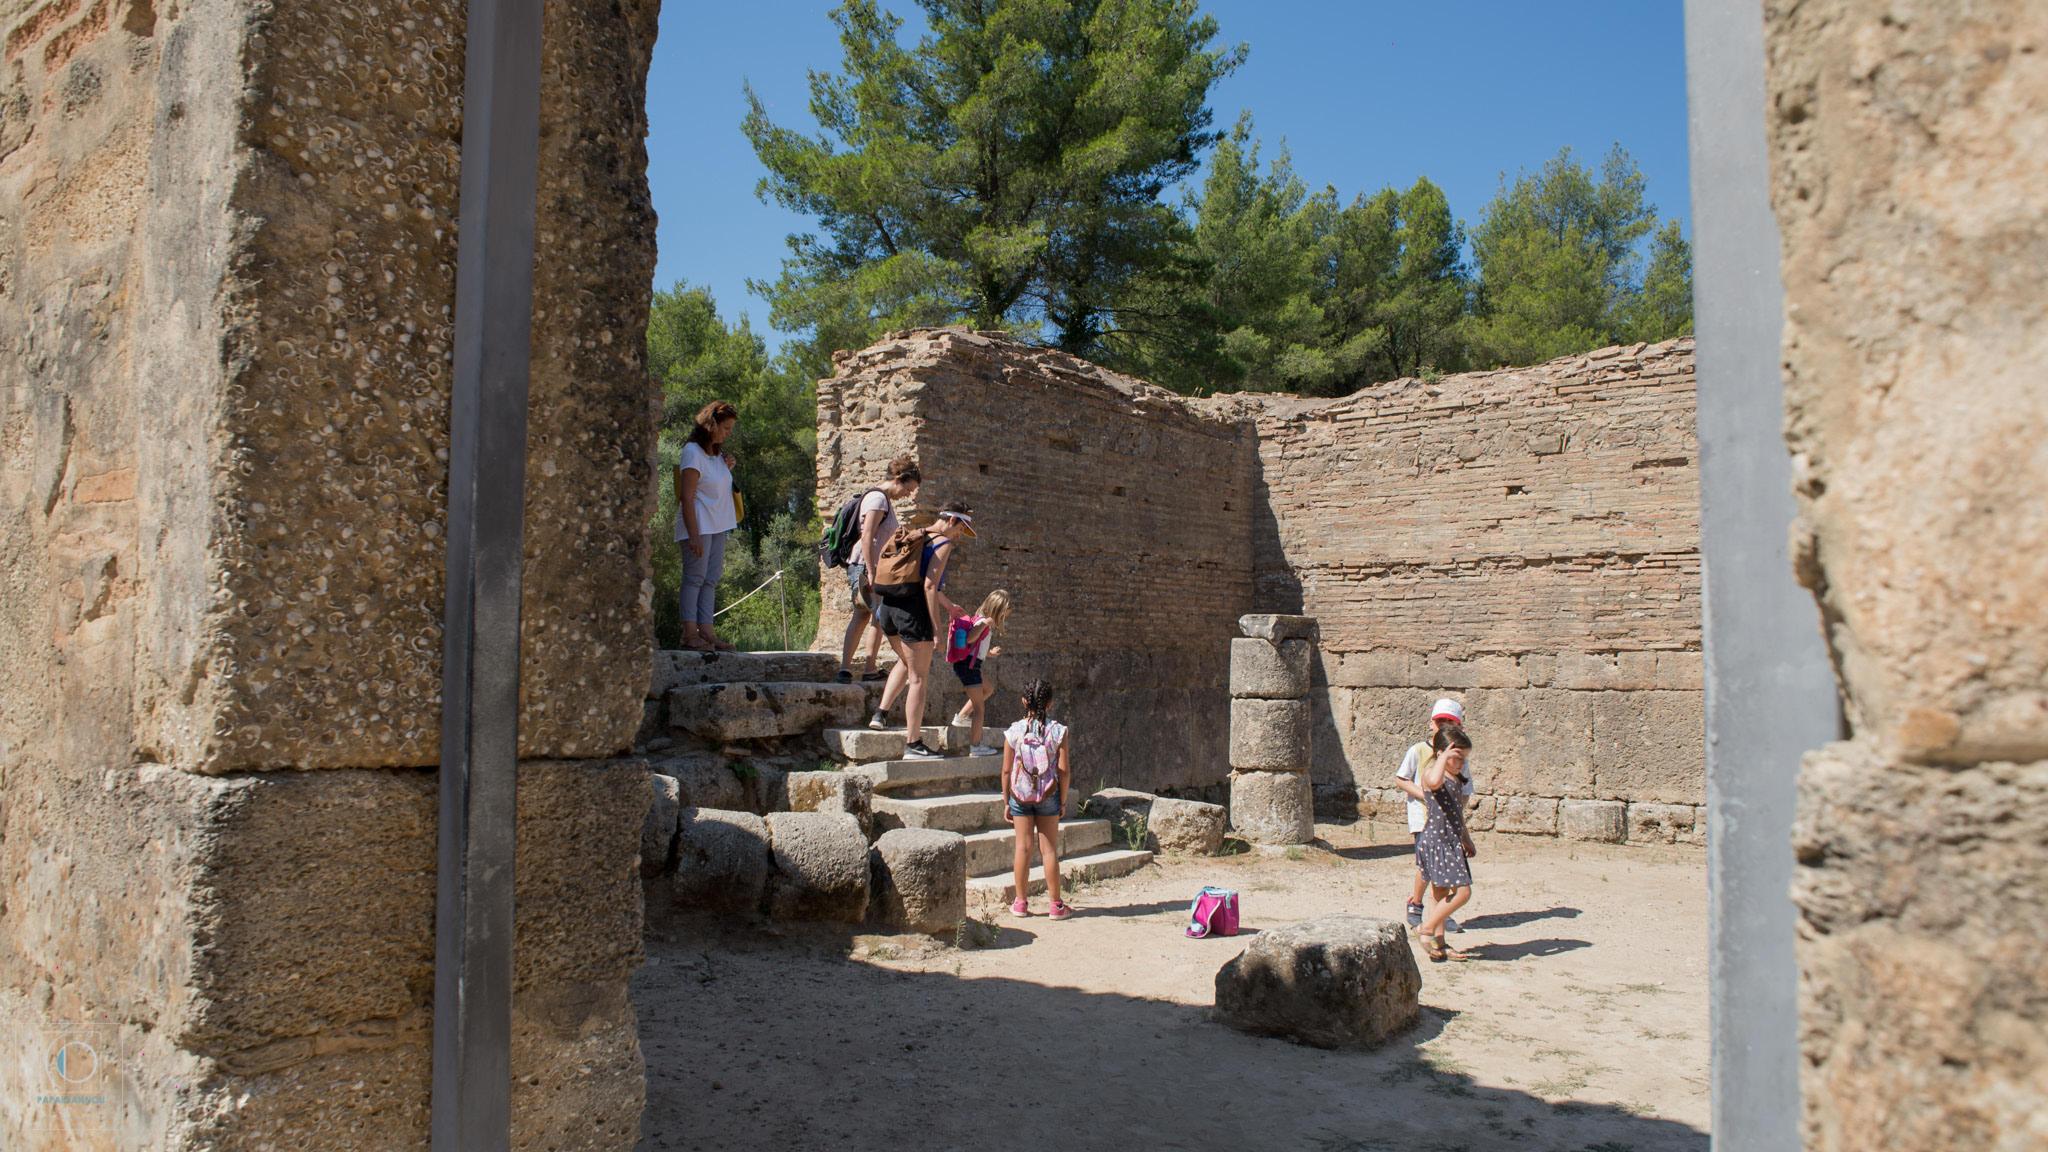 Διεθνές Φεστιβάλ Τεχνών Αρχαίας Ολυμπίας: «Ένα Φάρμακο»: Με ενθουσιασμό ξεκίνησε το βιωματικό θεατρικό εργαστήριο (photos)